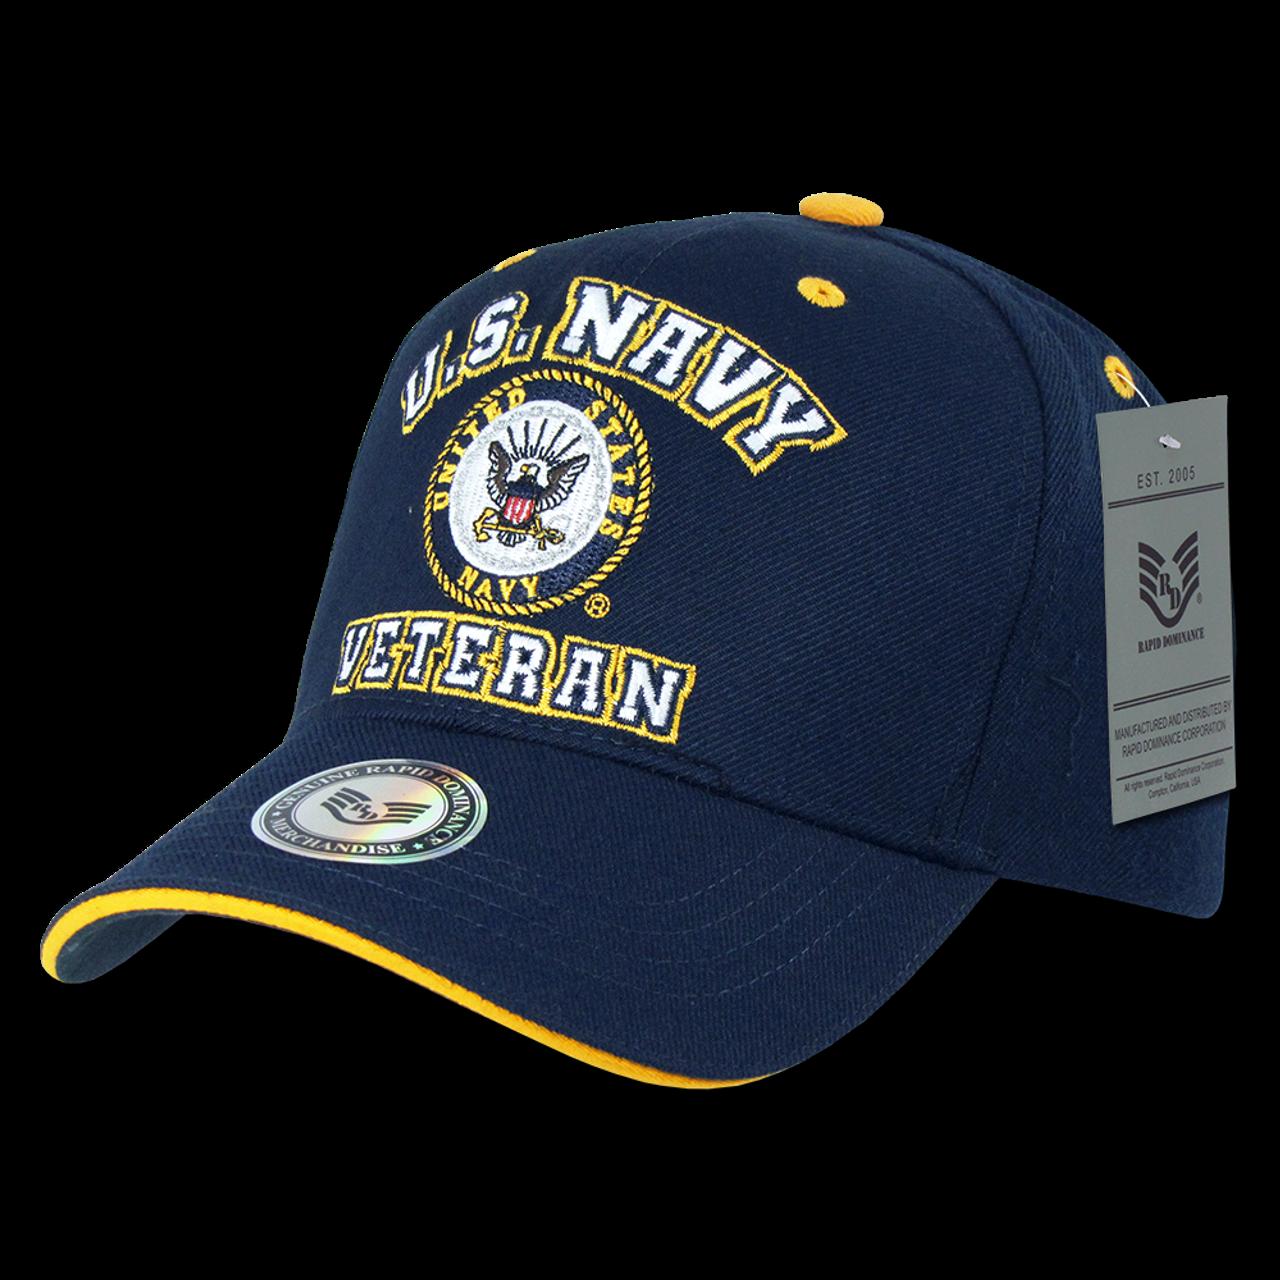 VET - Veteran Cap - U.S. Navy - Navy 319735752c0